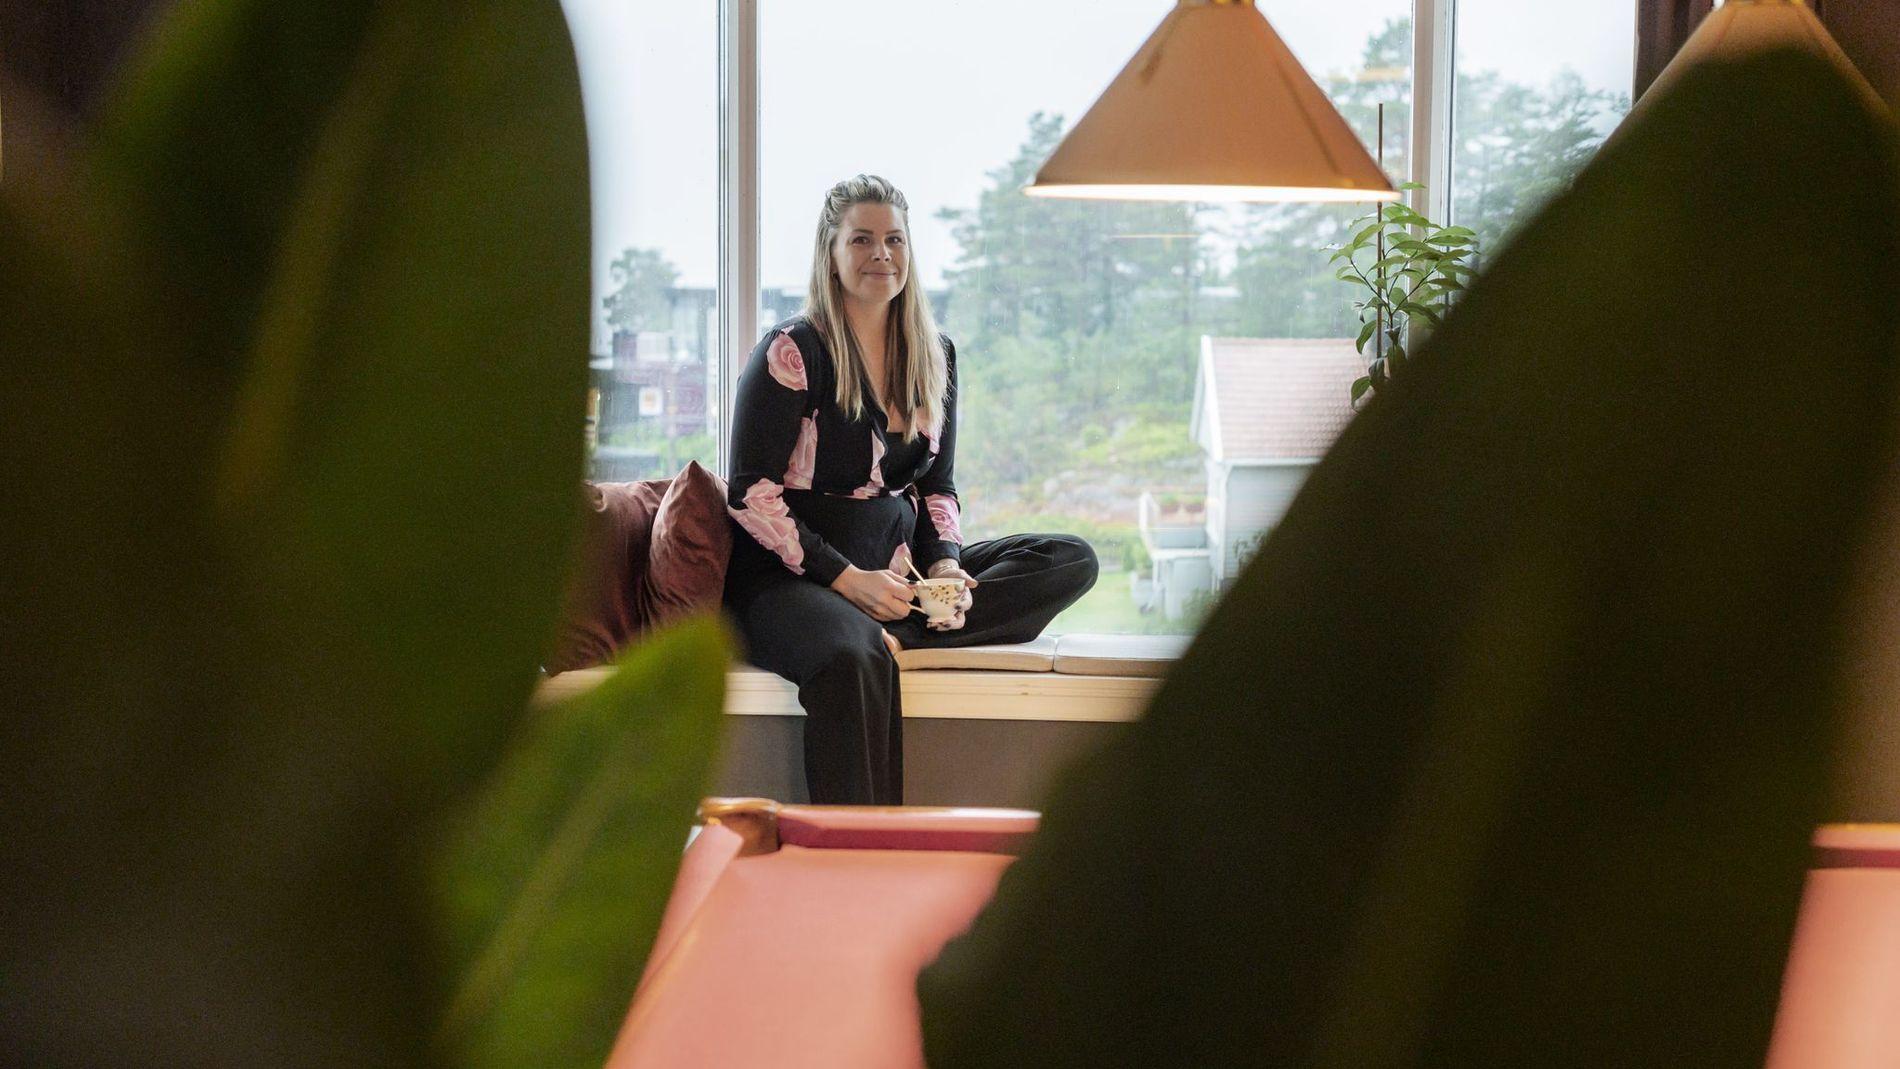 – Mange spør meg om plantetips og triks, men alle planter er veldig individuelle. Nøkkelen til å holde liv i plantene dine, er å bli godt kjent med hver og en av dem. Finn ut hvordan de lever i det fri. Det kan hjelpe, sier Belinda Jakobsen, som står bak podkasten Plantepodden med gartner Morten Bragdø.